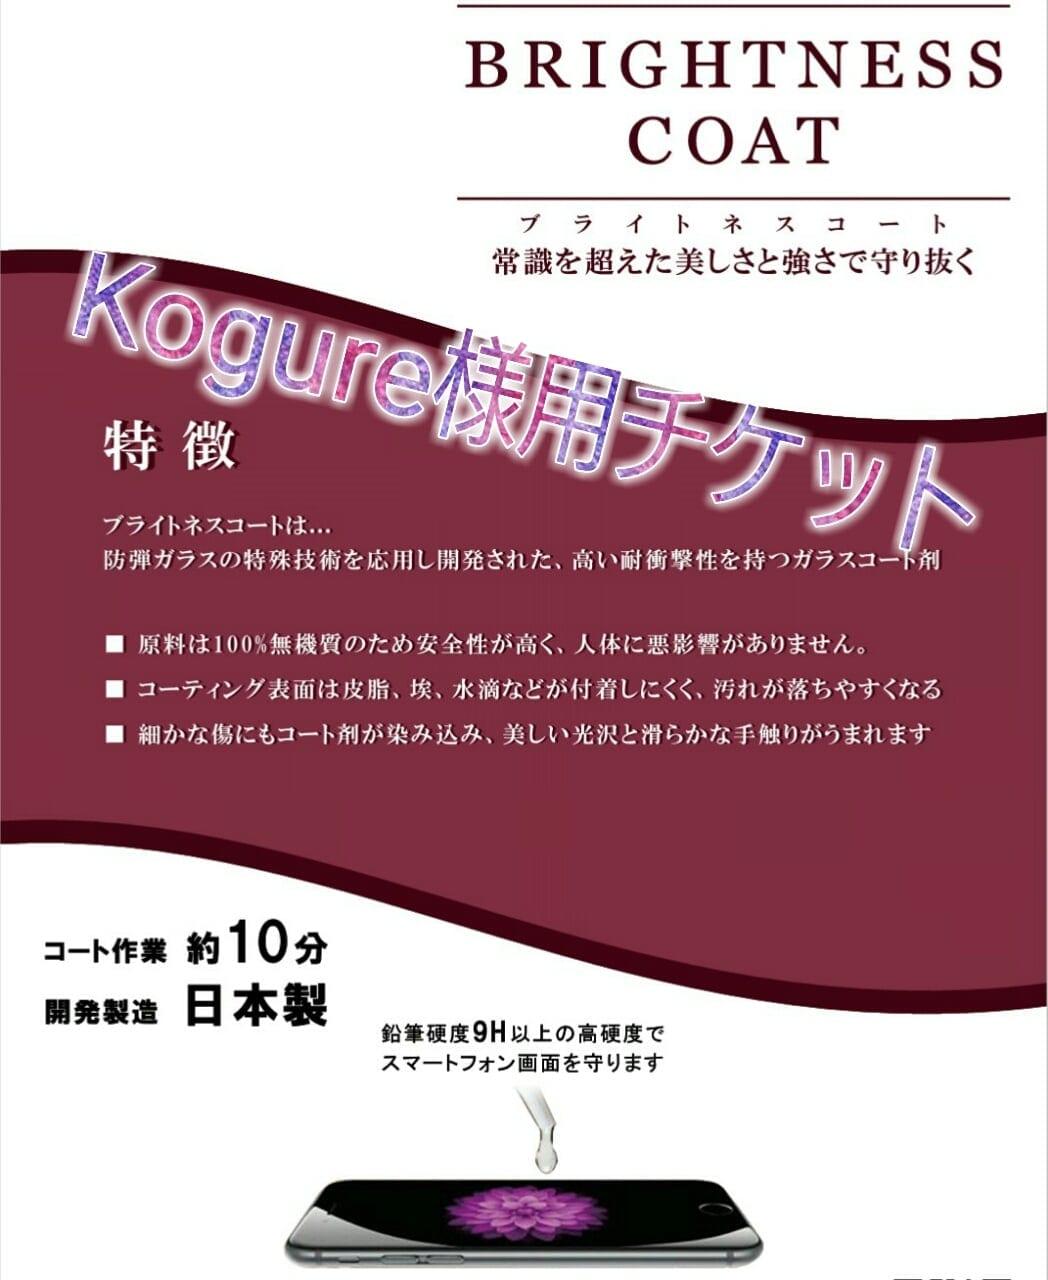 Kogure様専用 ブライトネスコートチケット/東池袋駅近ネイルサロン Sparkle Nail(スパークル ネイル)のイメージその1